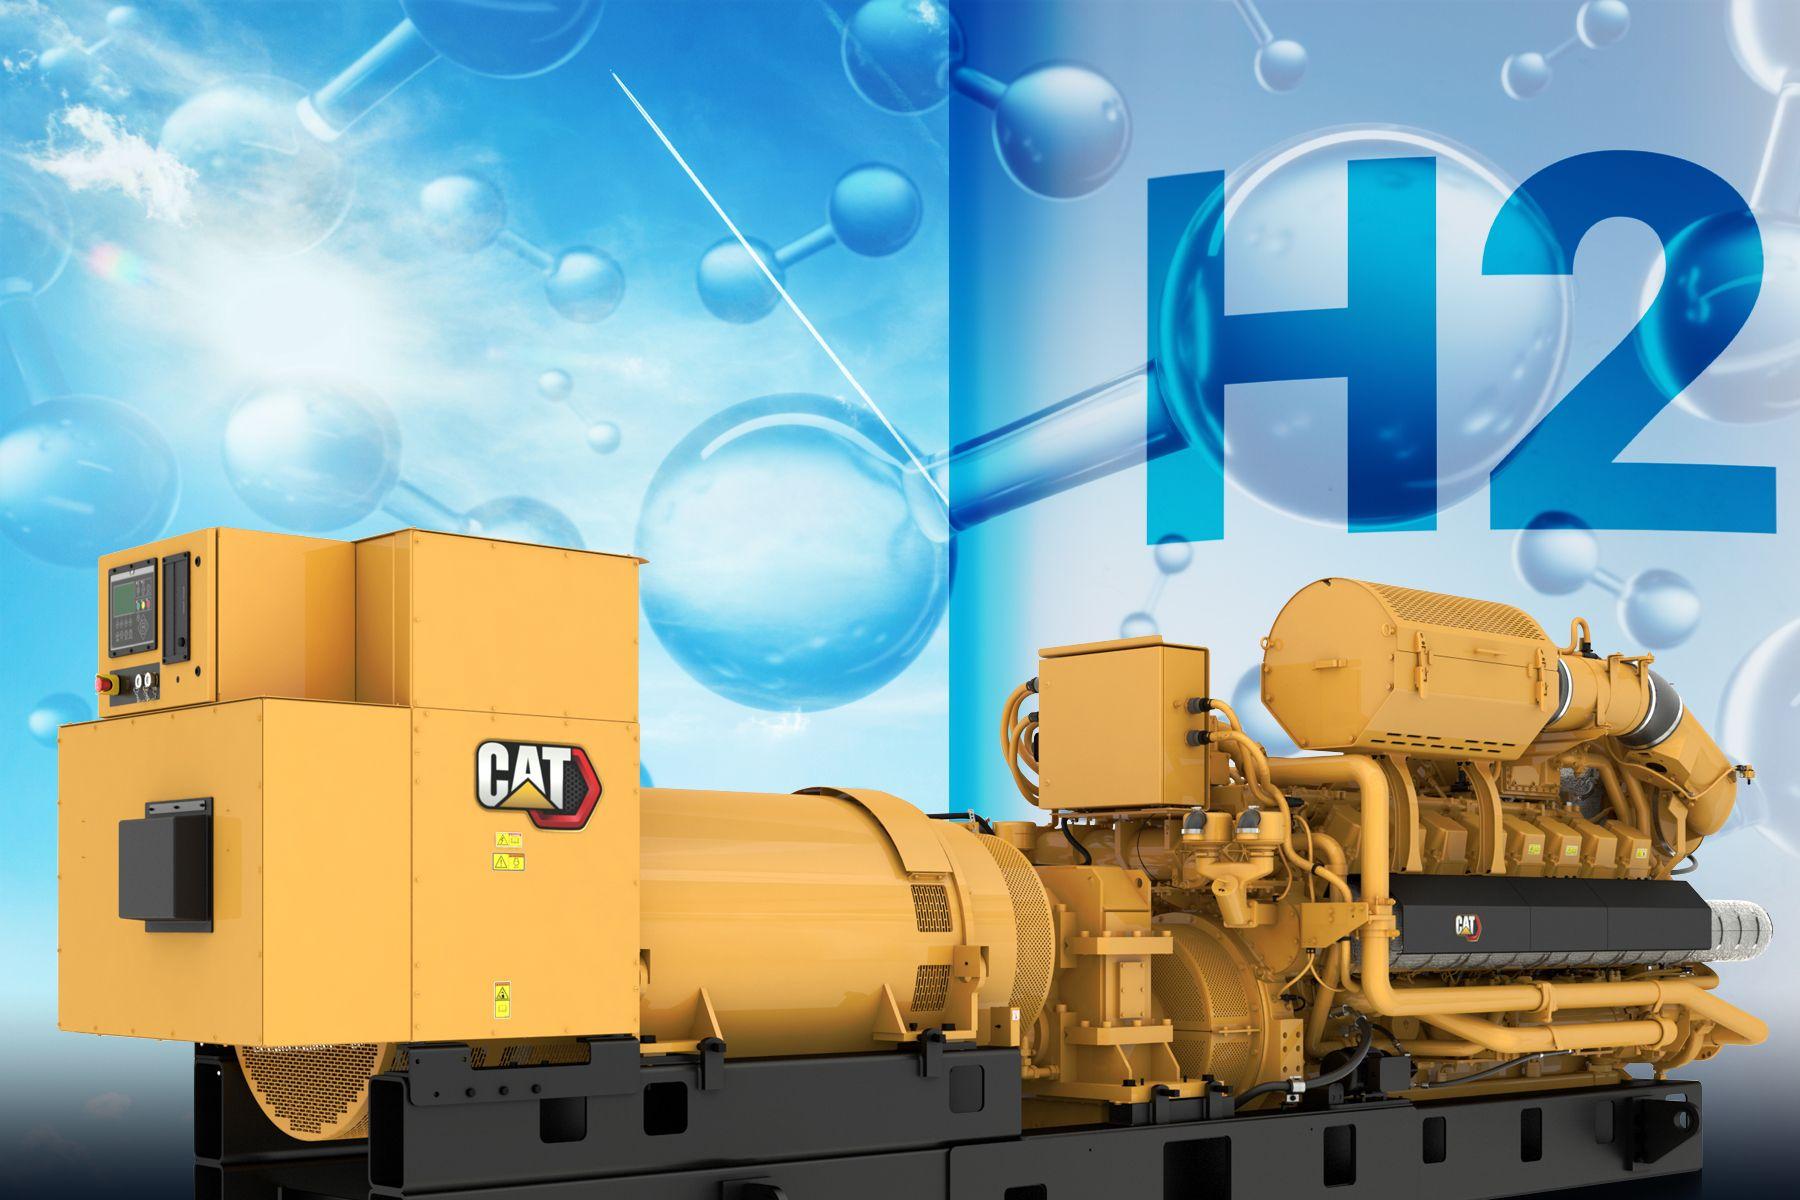 Hydrogen press release